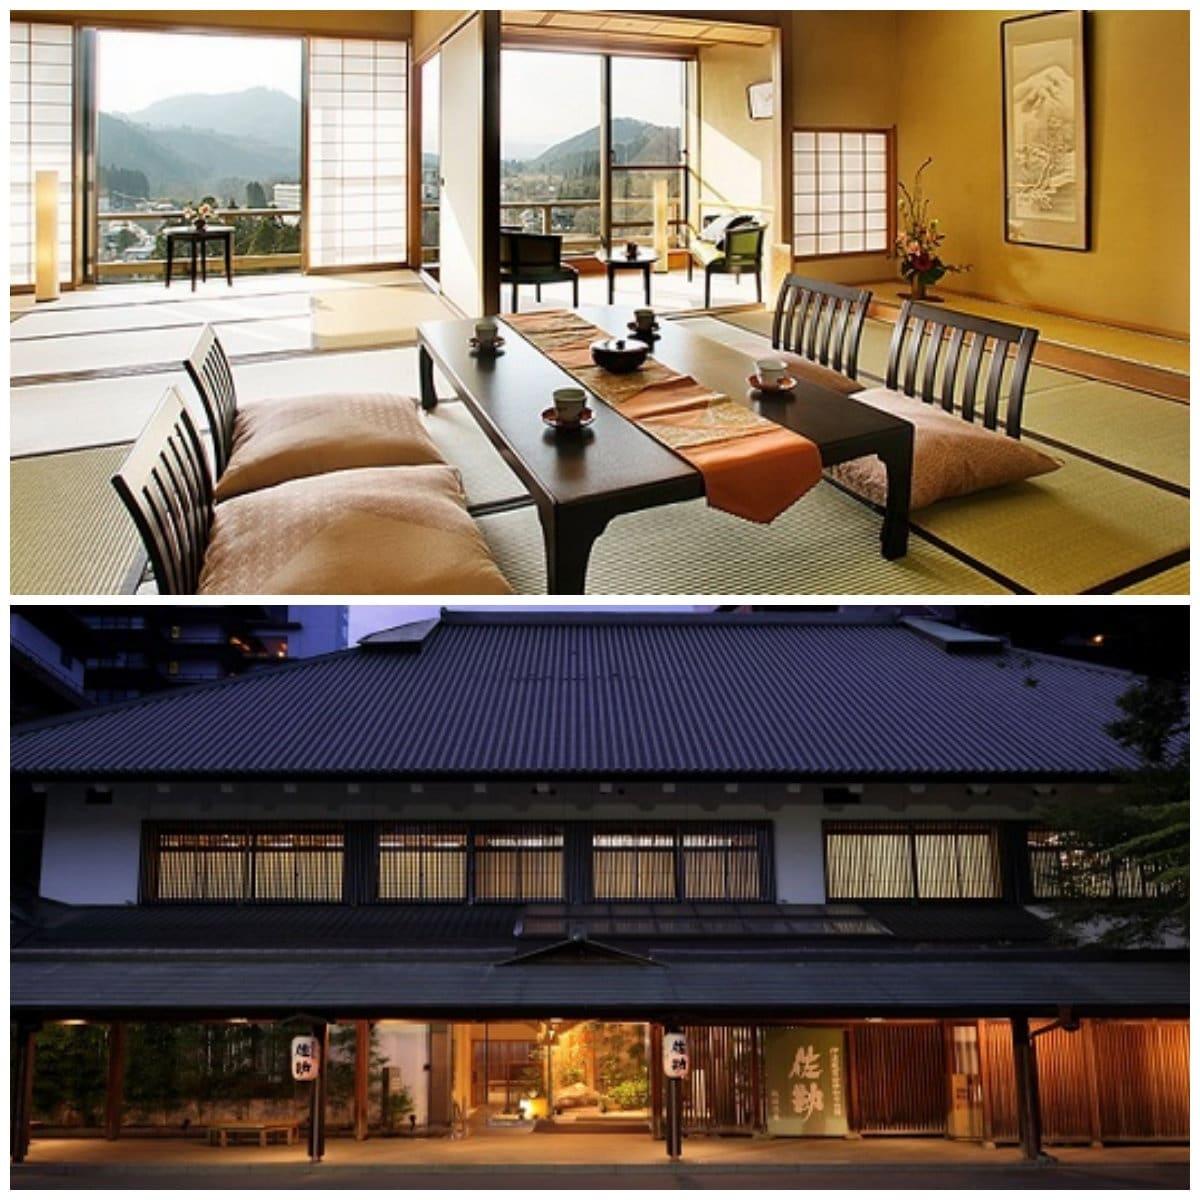 10. Hotel Sakan (Established Around 1184)